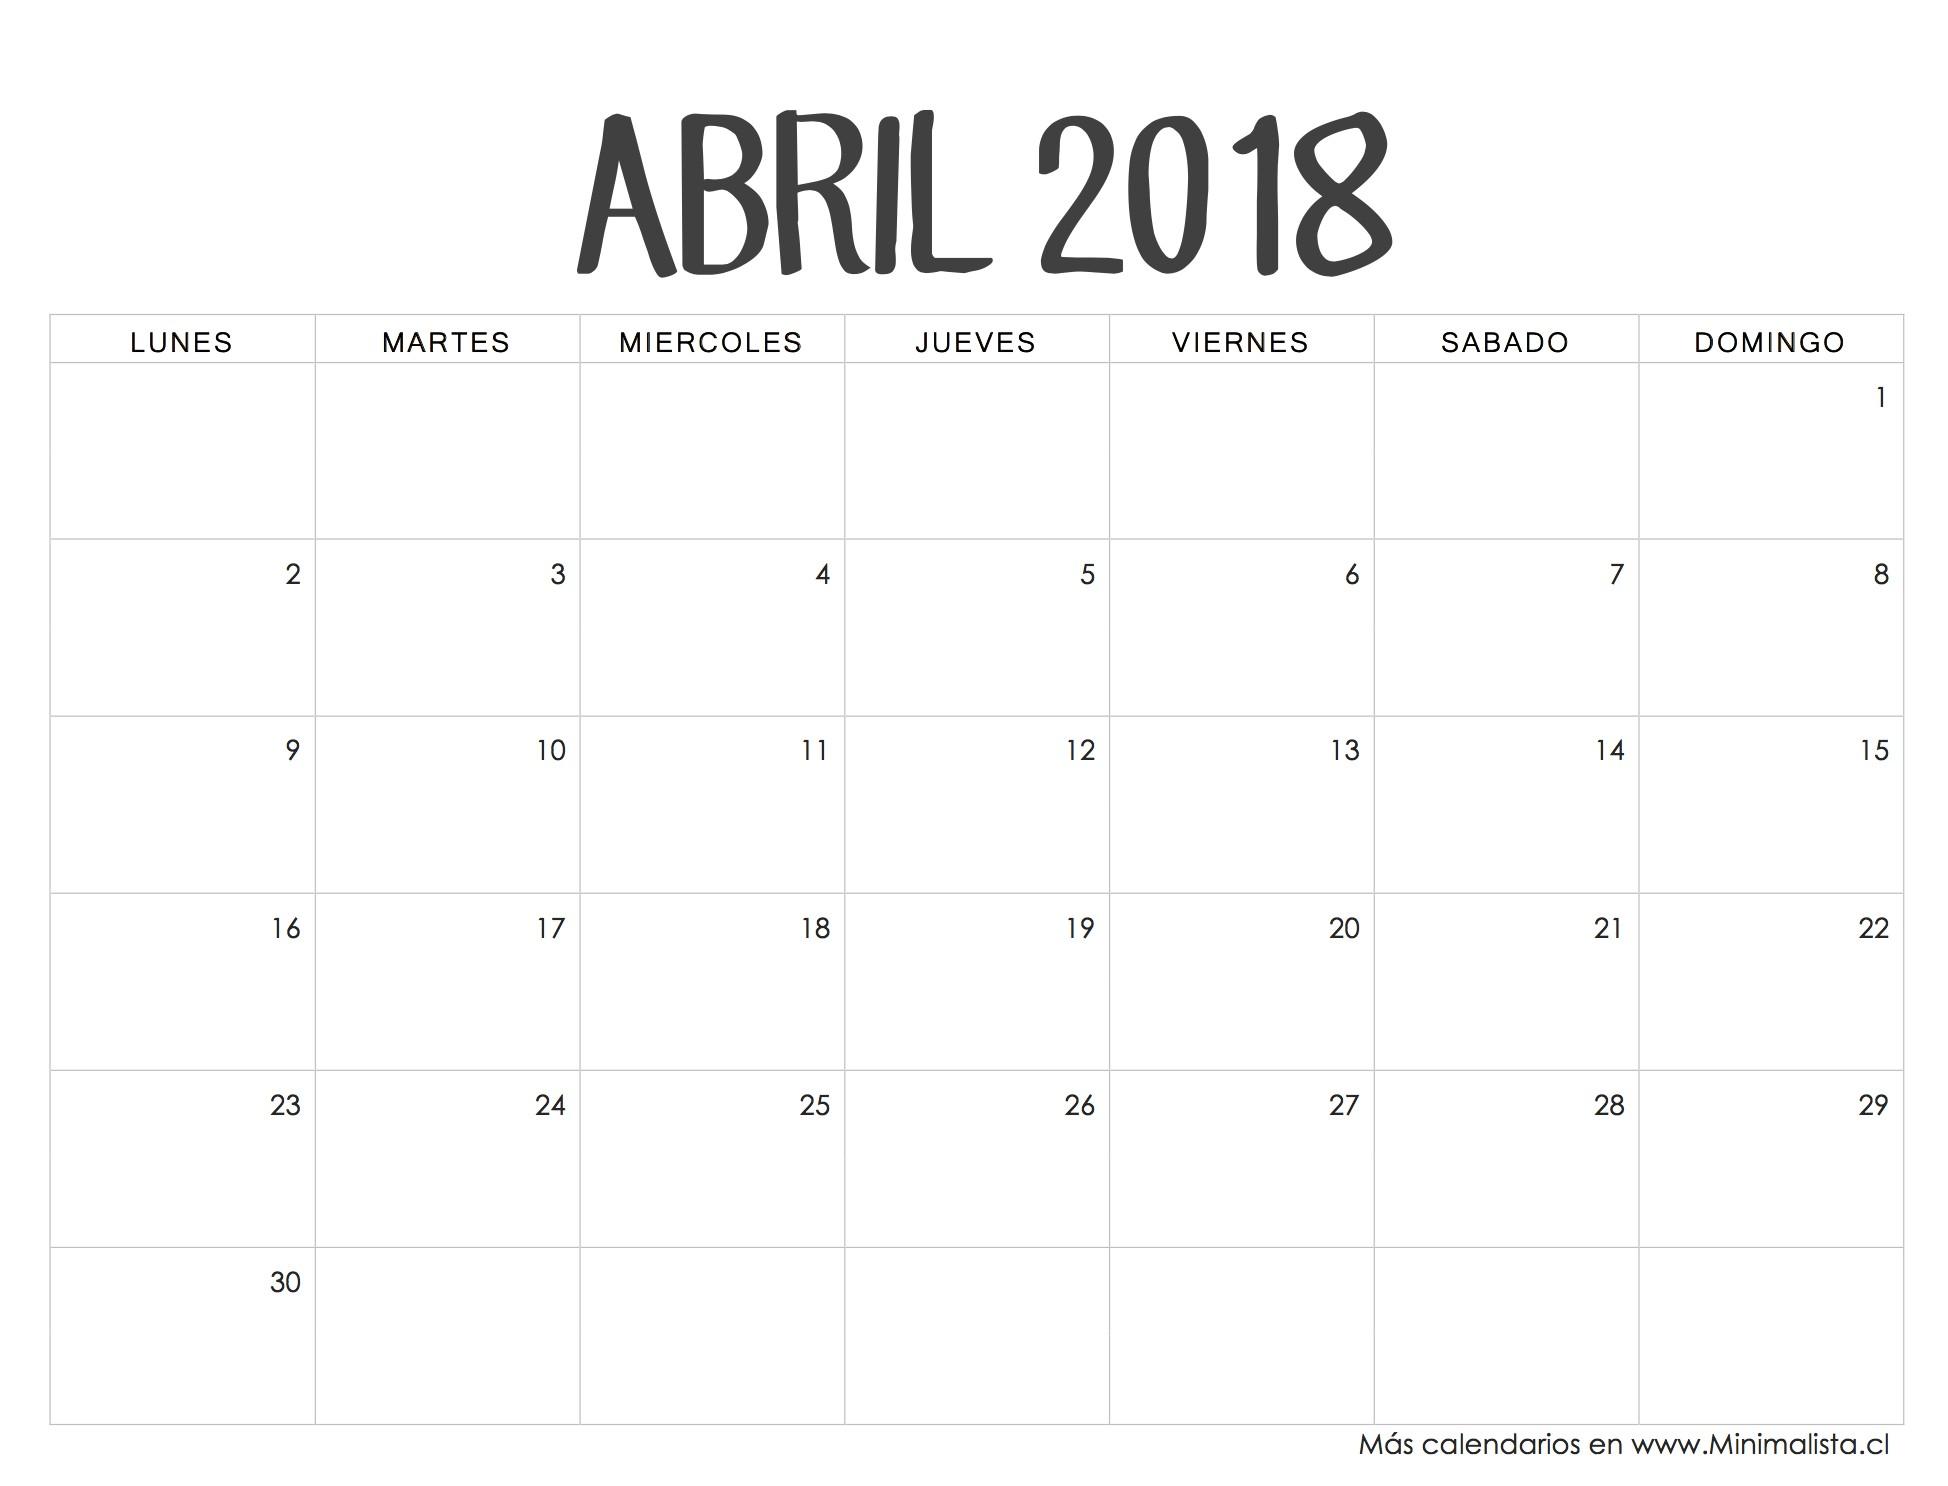 Calendario 2019 Chile Imprimir Con Feriados Actual Calendario Abril 2018 Calendarios Pinterest Of Calendario 2019 Chile Imprimir Con Feriados Más Recientemente Liberado Calendario 10 Octubre ☼ Calendario 2016 ☺